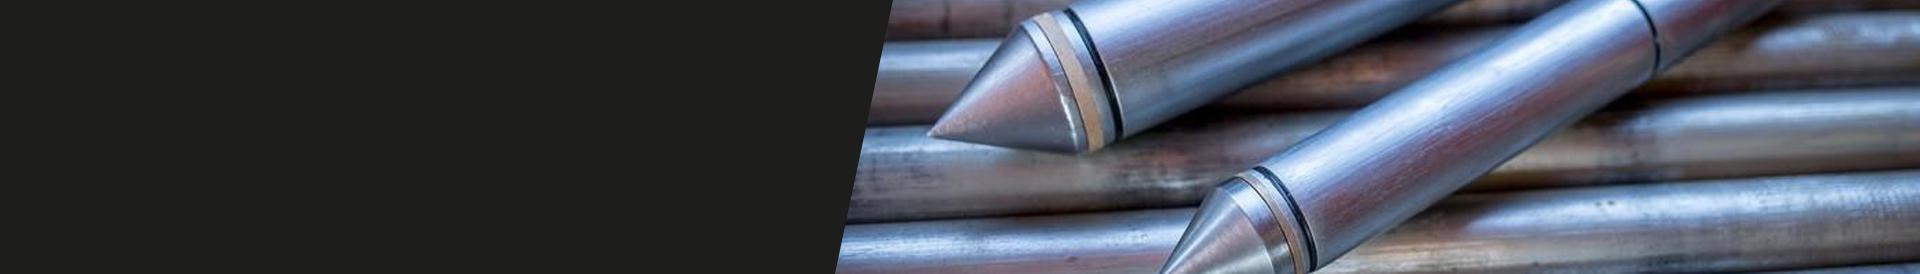 metalowe stożki